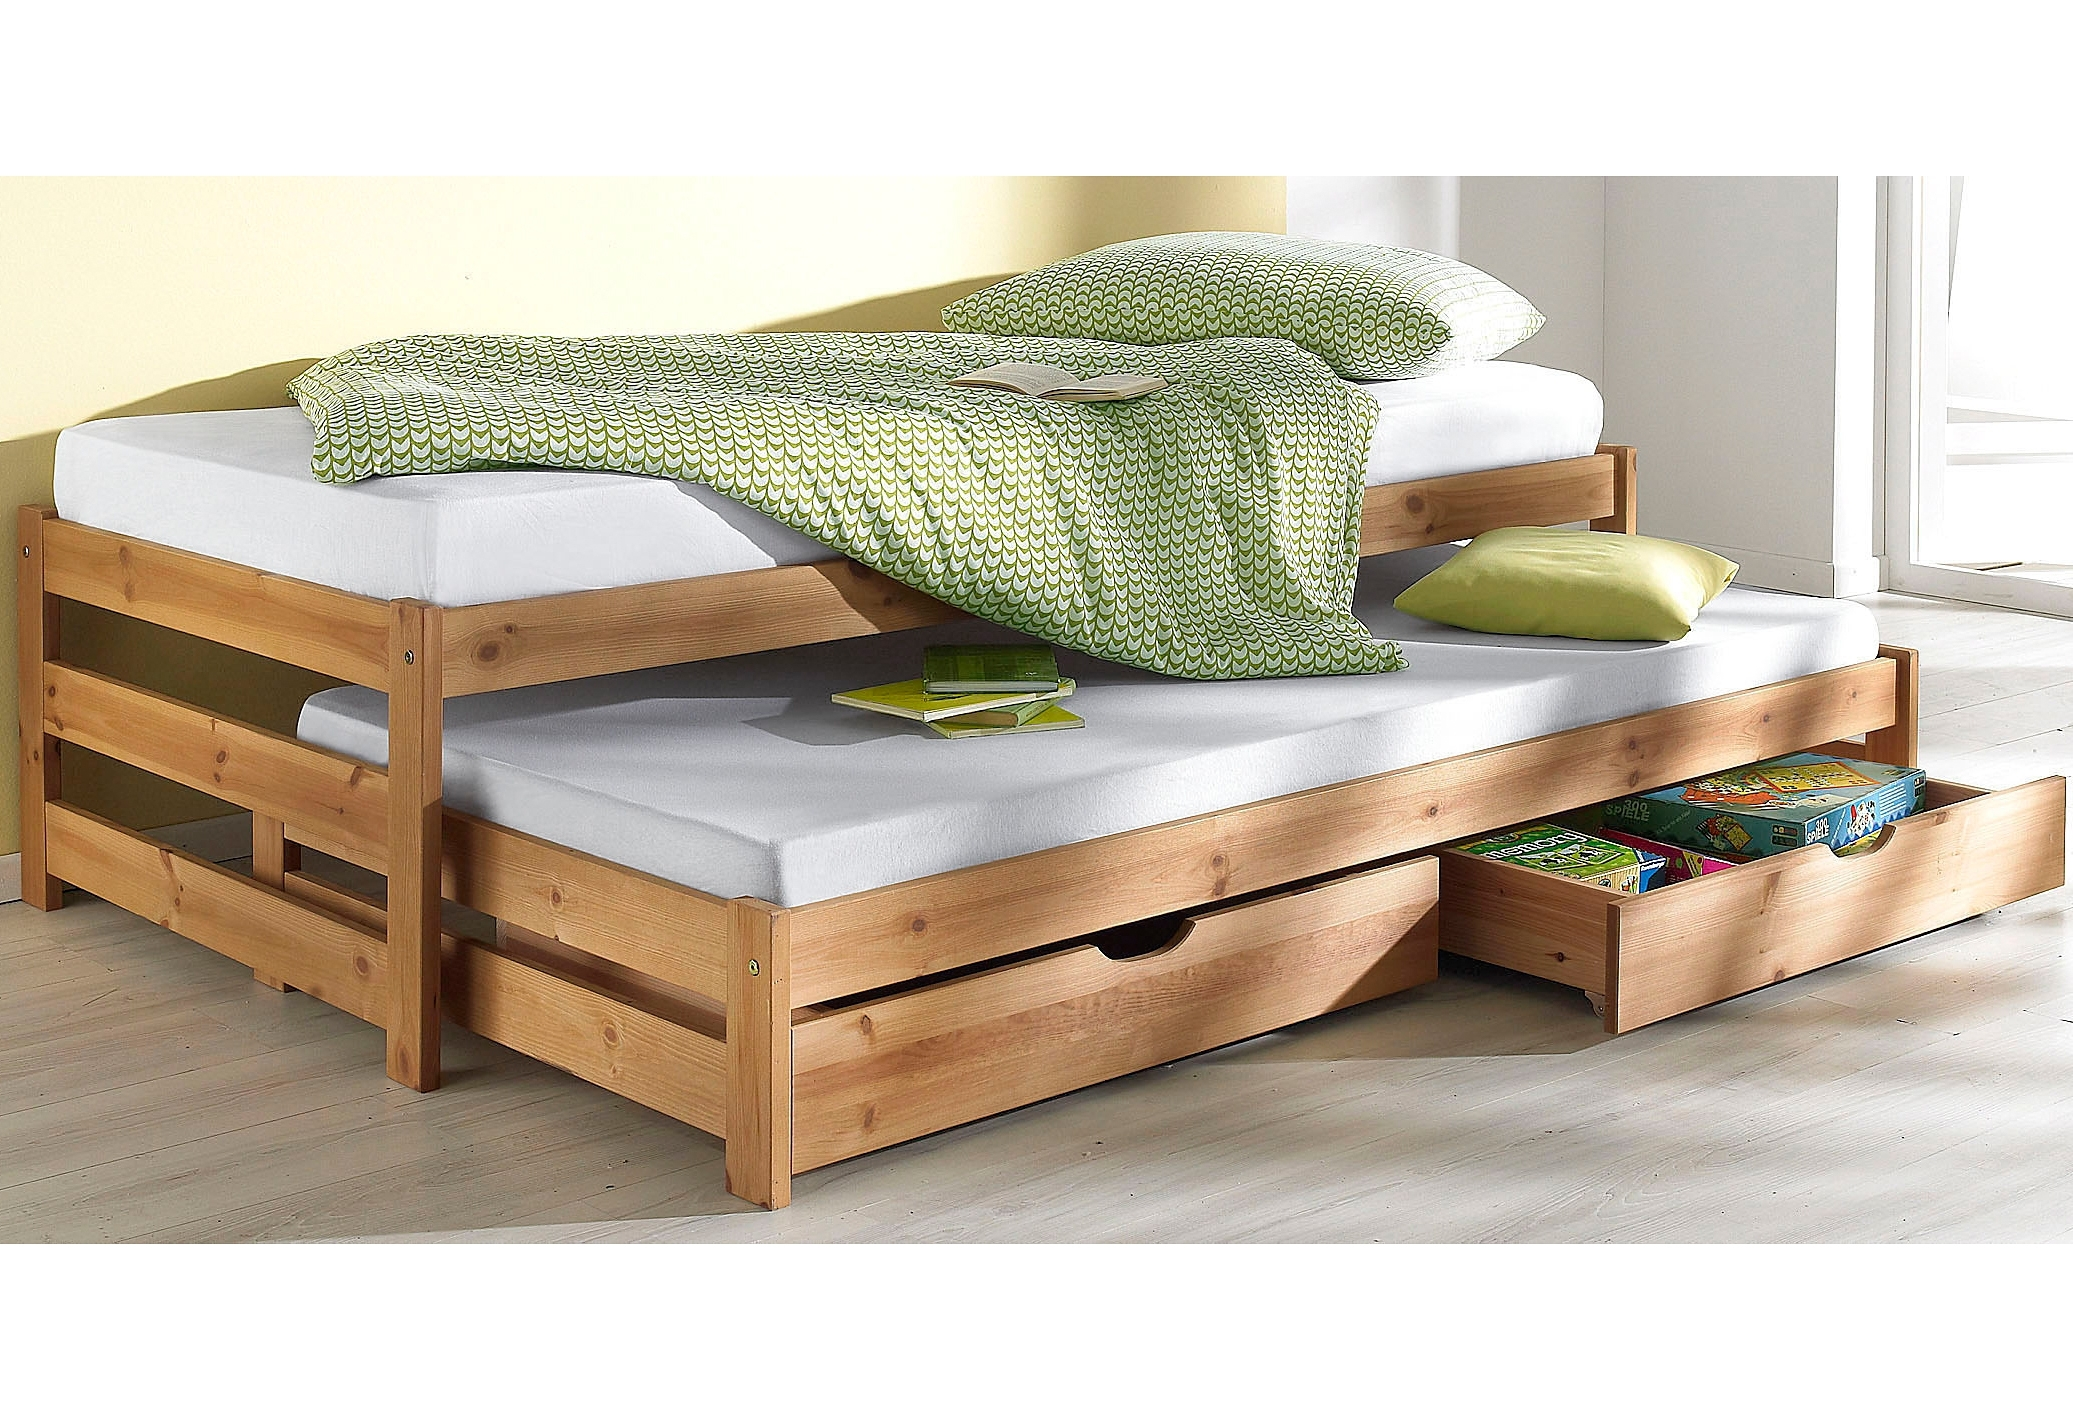 Bed met 2e slaapgelegenheid - verschillende betaalmethodes